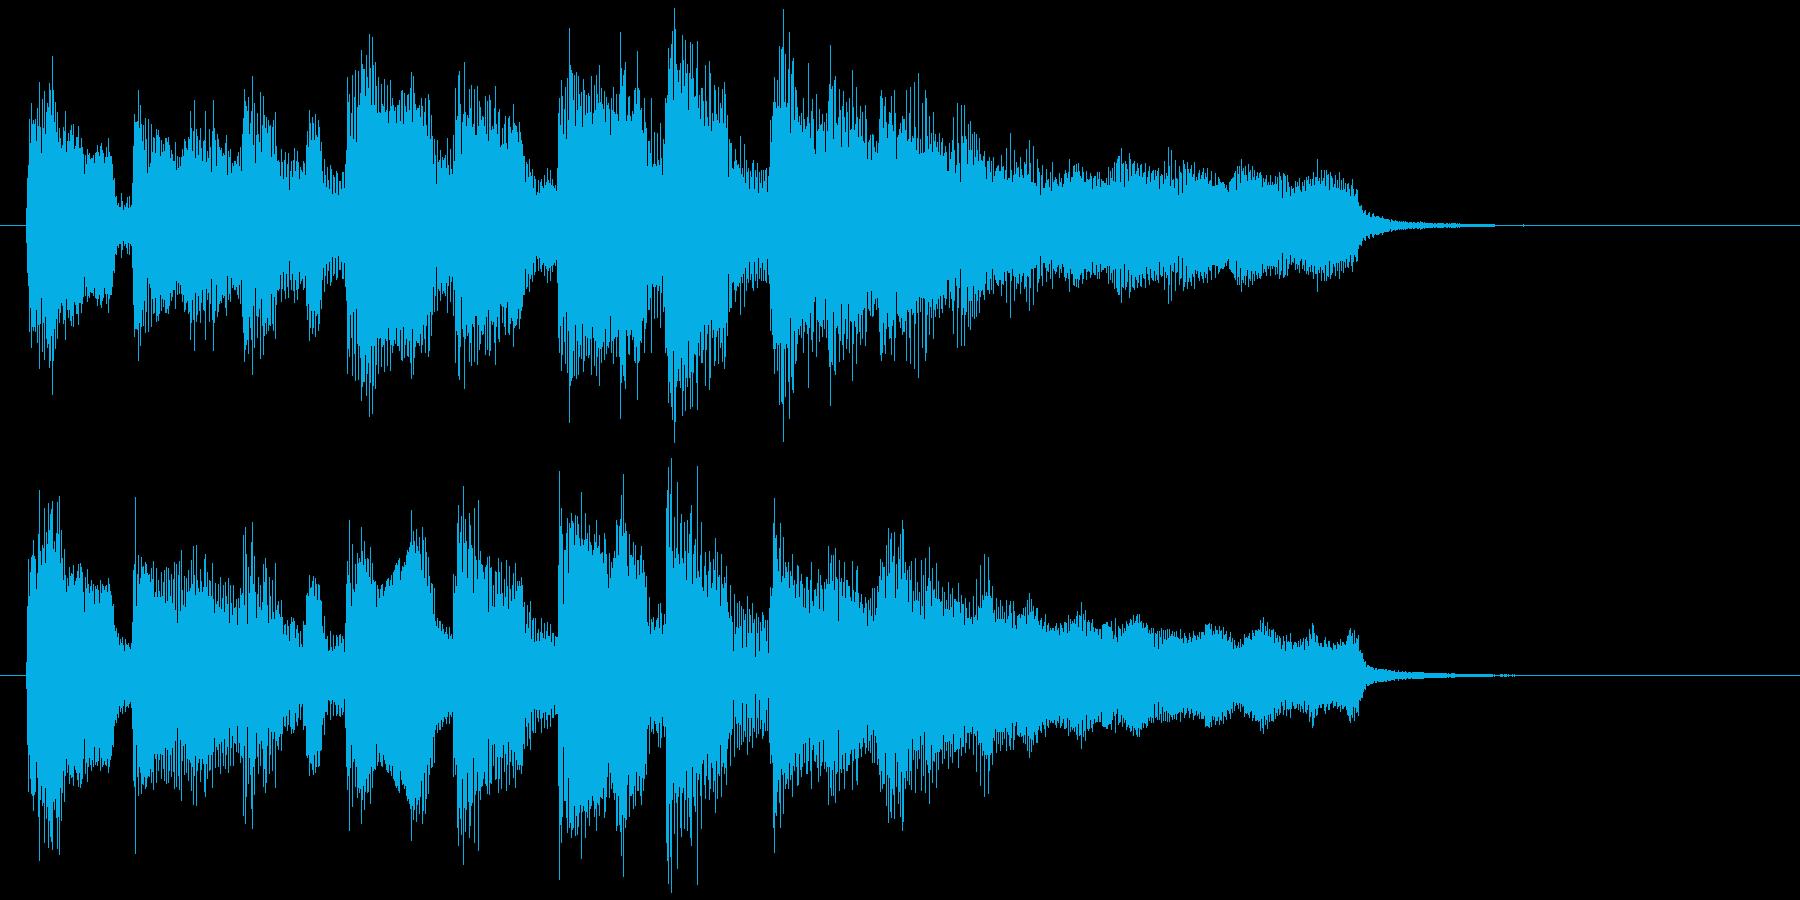 アイキャッチ、場面転換、日常系アニメ風味の再生済みの波形